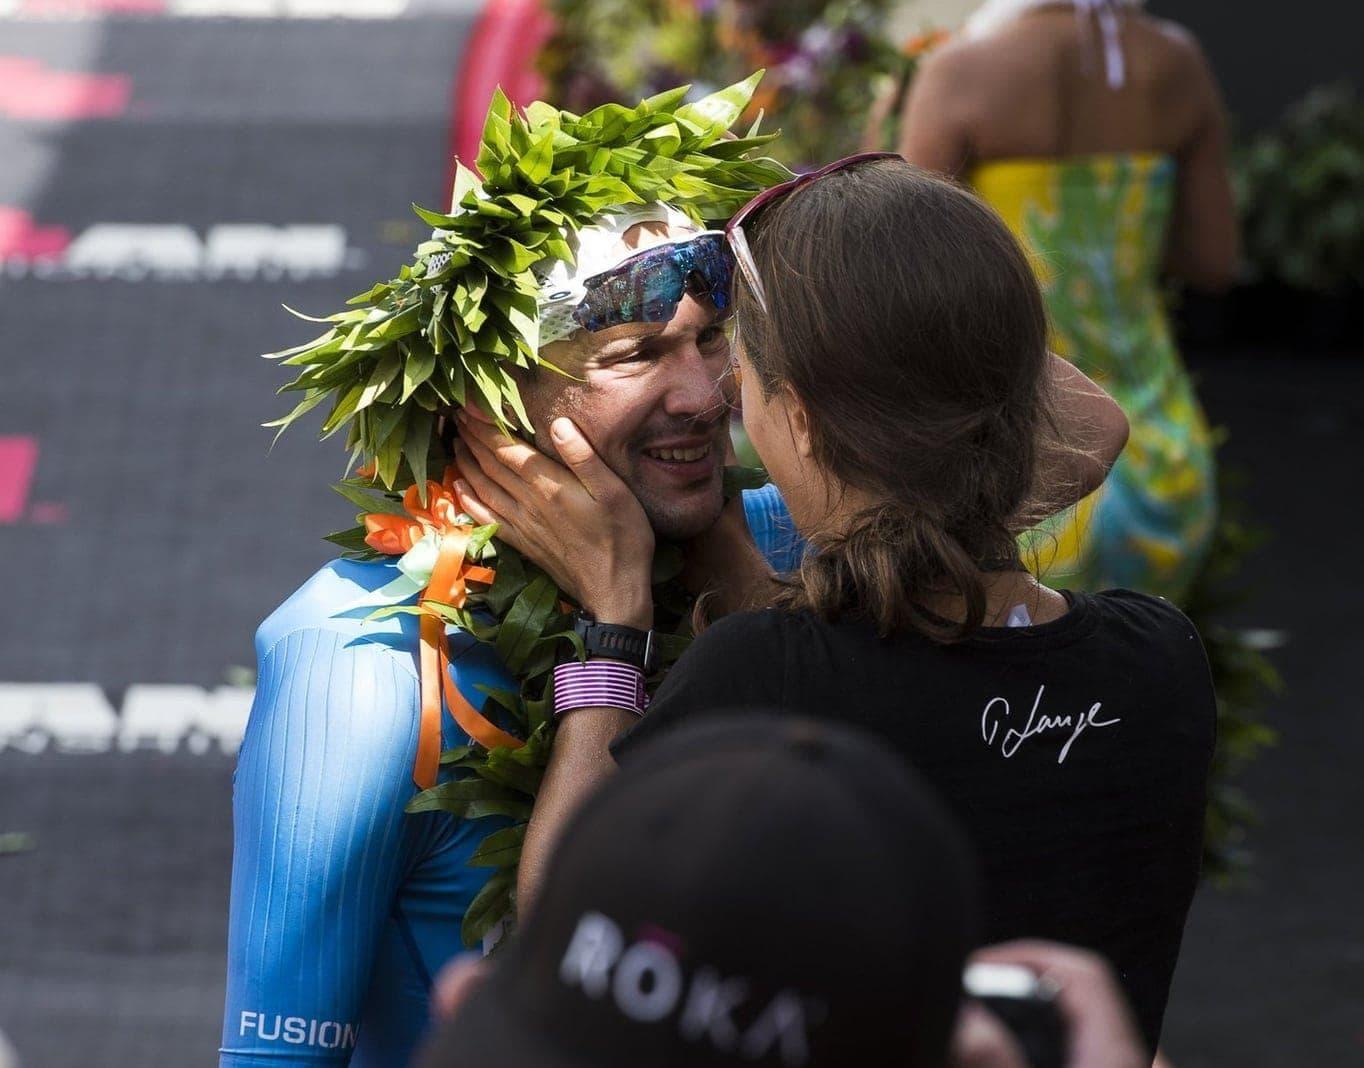 sagte Lange. Mit seinem erneuten WM-Gewinn setzte er die Ära deutscher Hawaii-Sieger seit 2014 fort.</p>